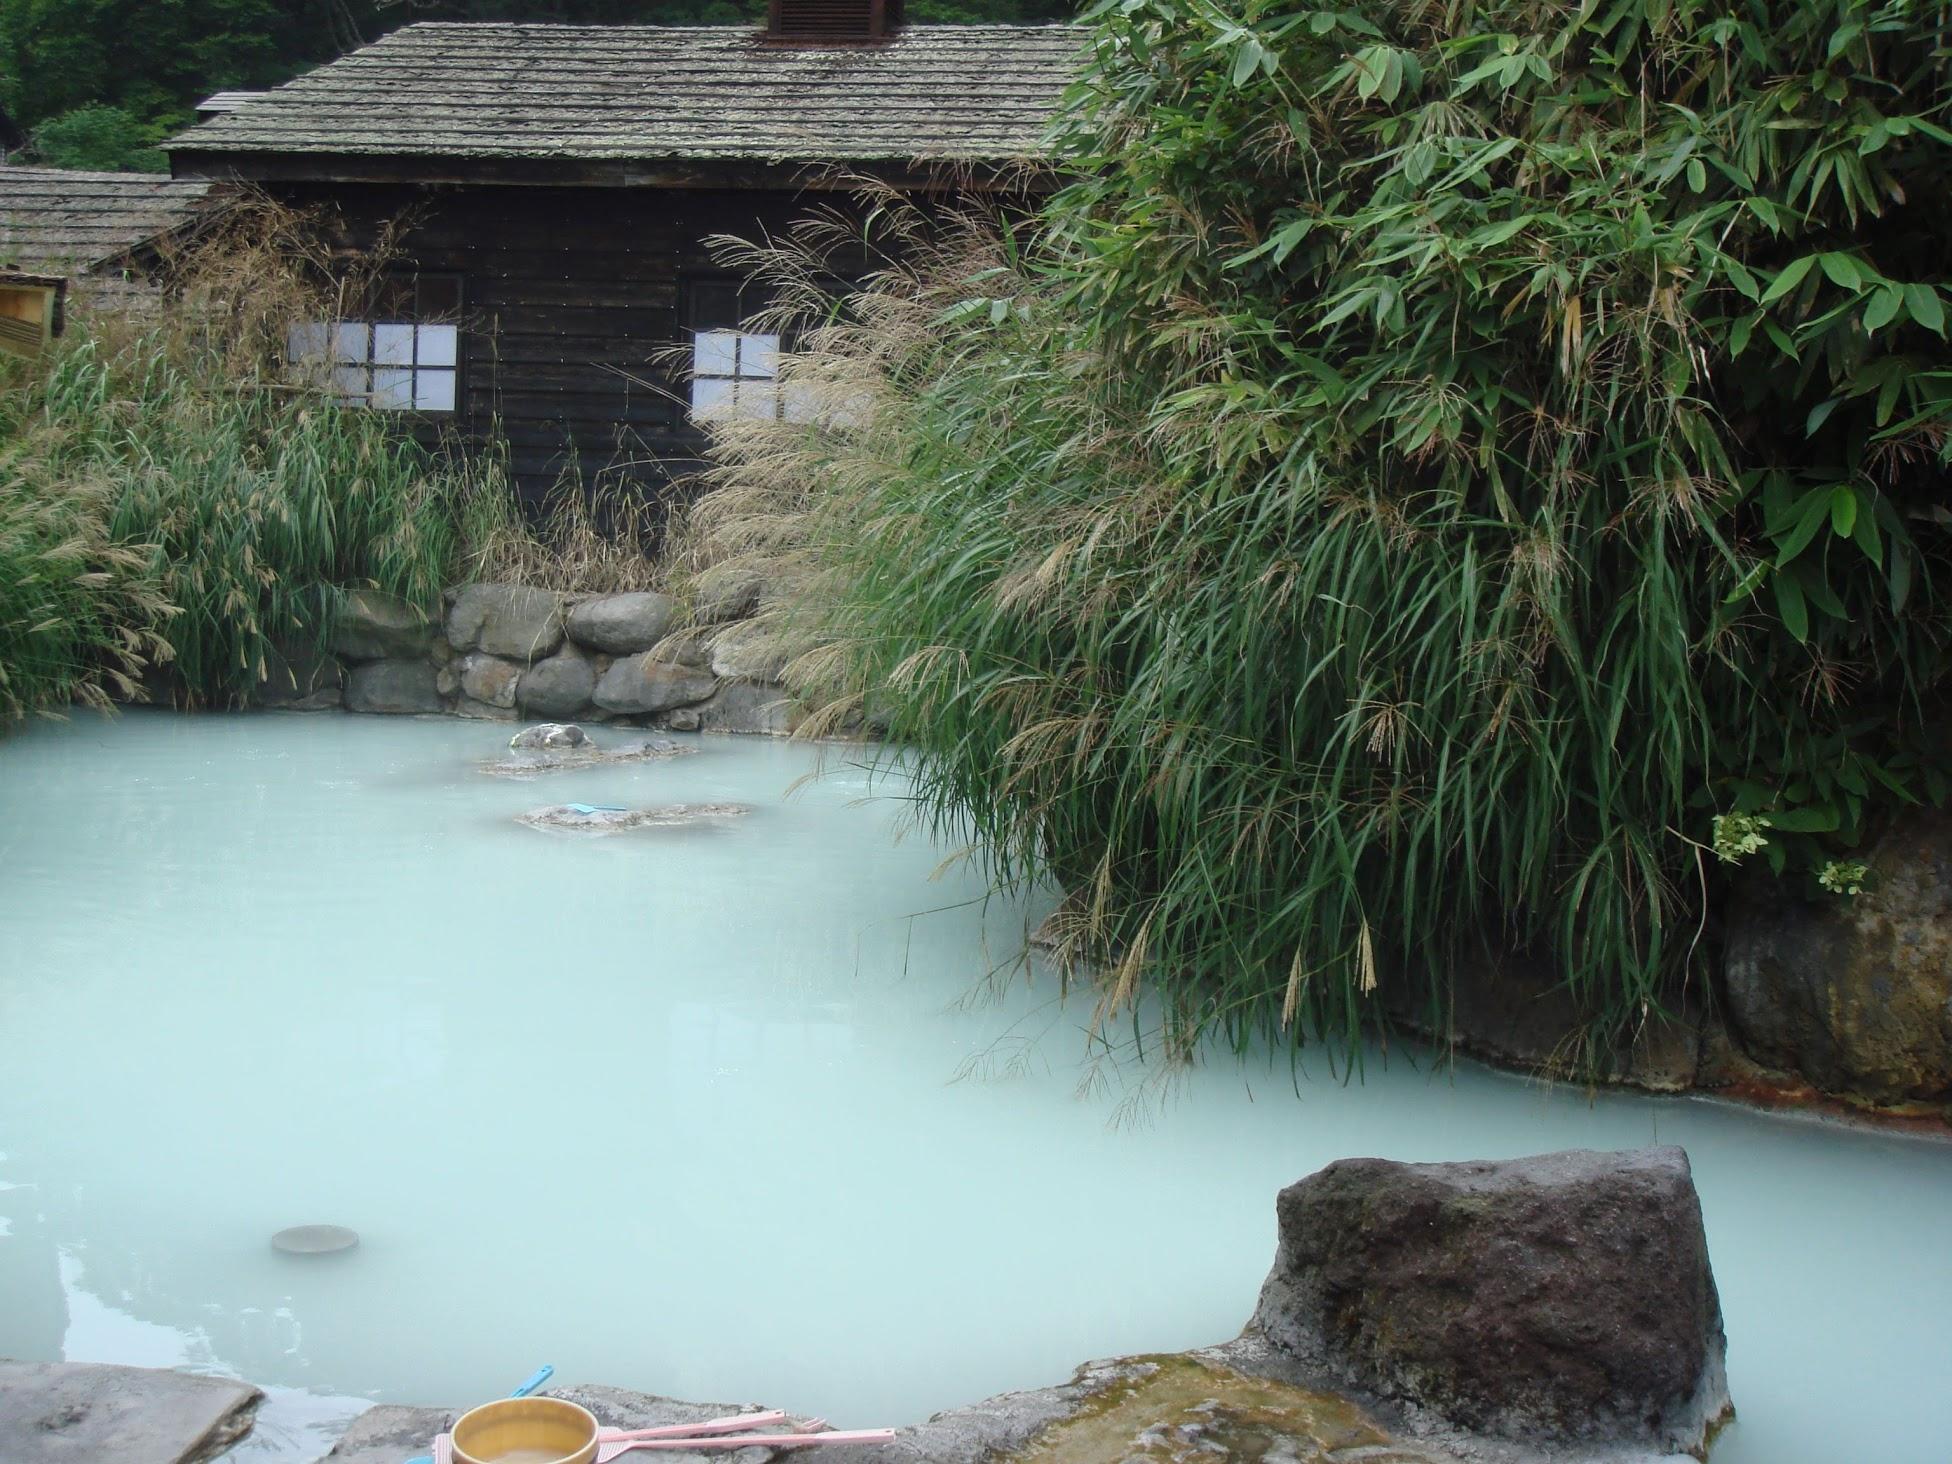 乳頭温泉郷の鶴の湯温泉